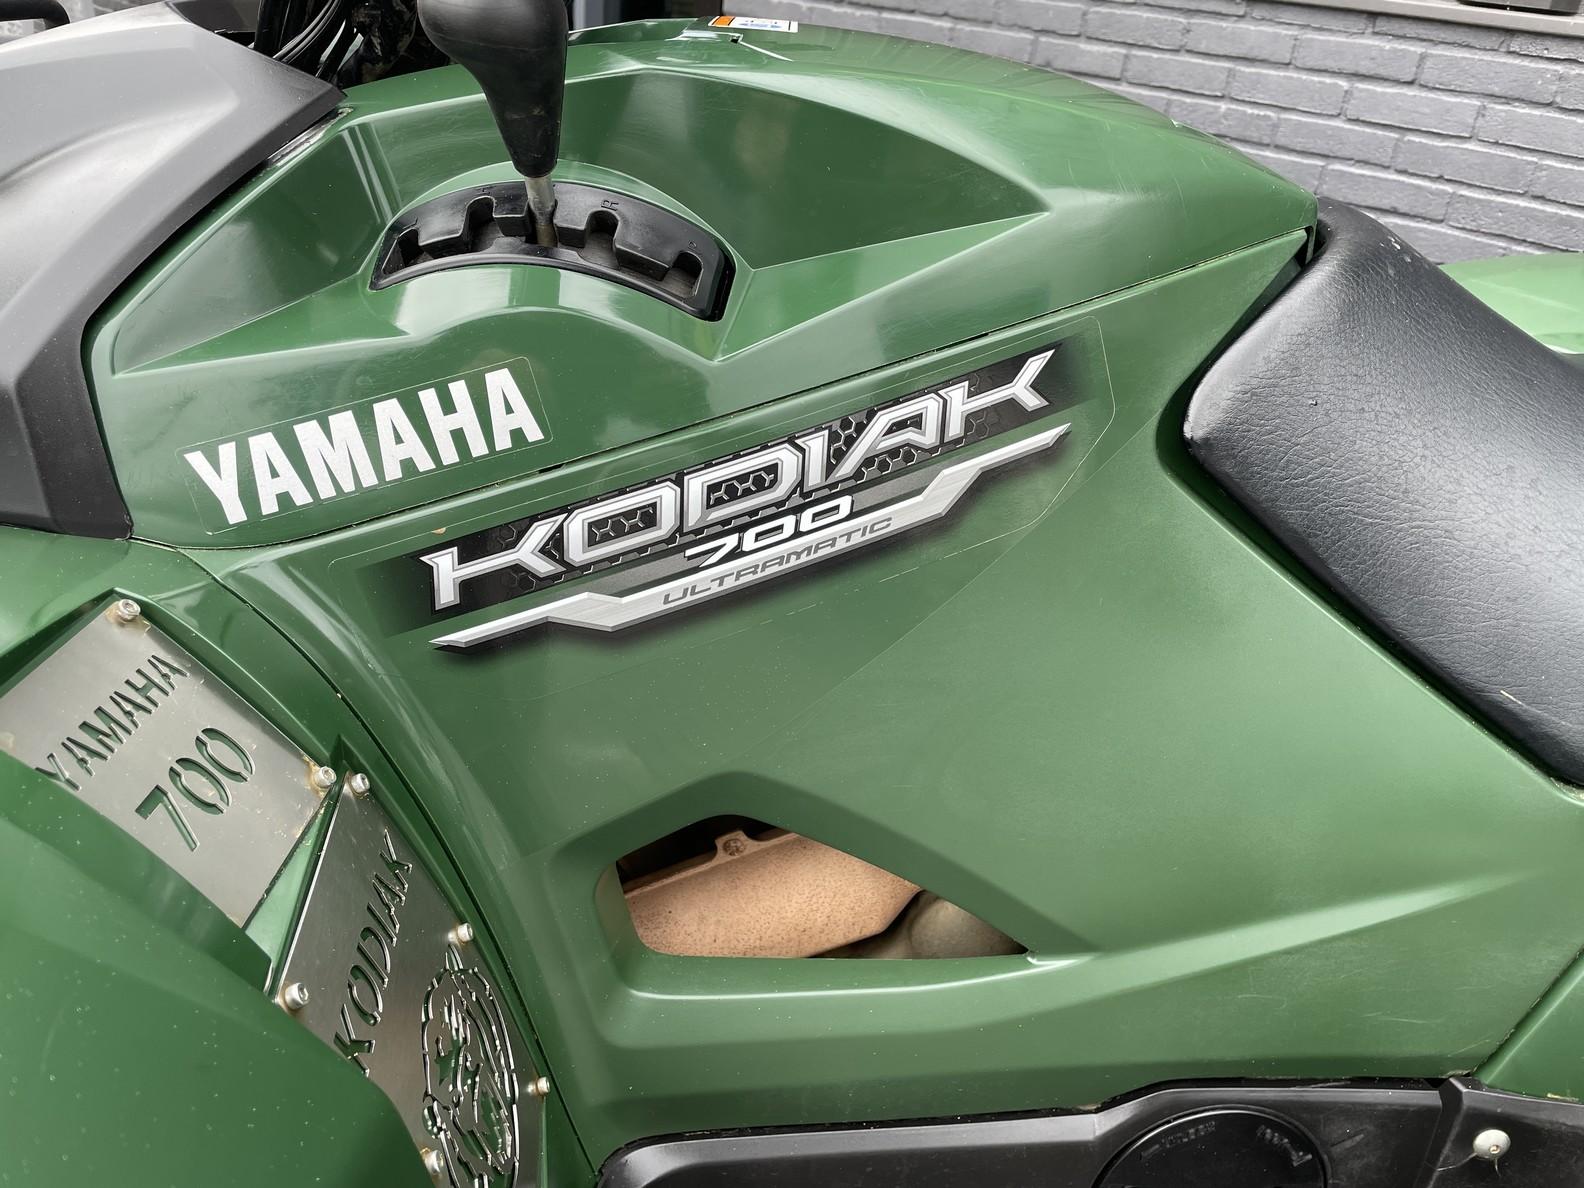 YAMAHA Kodiak 700 4x4